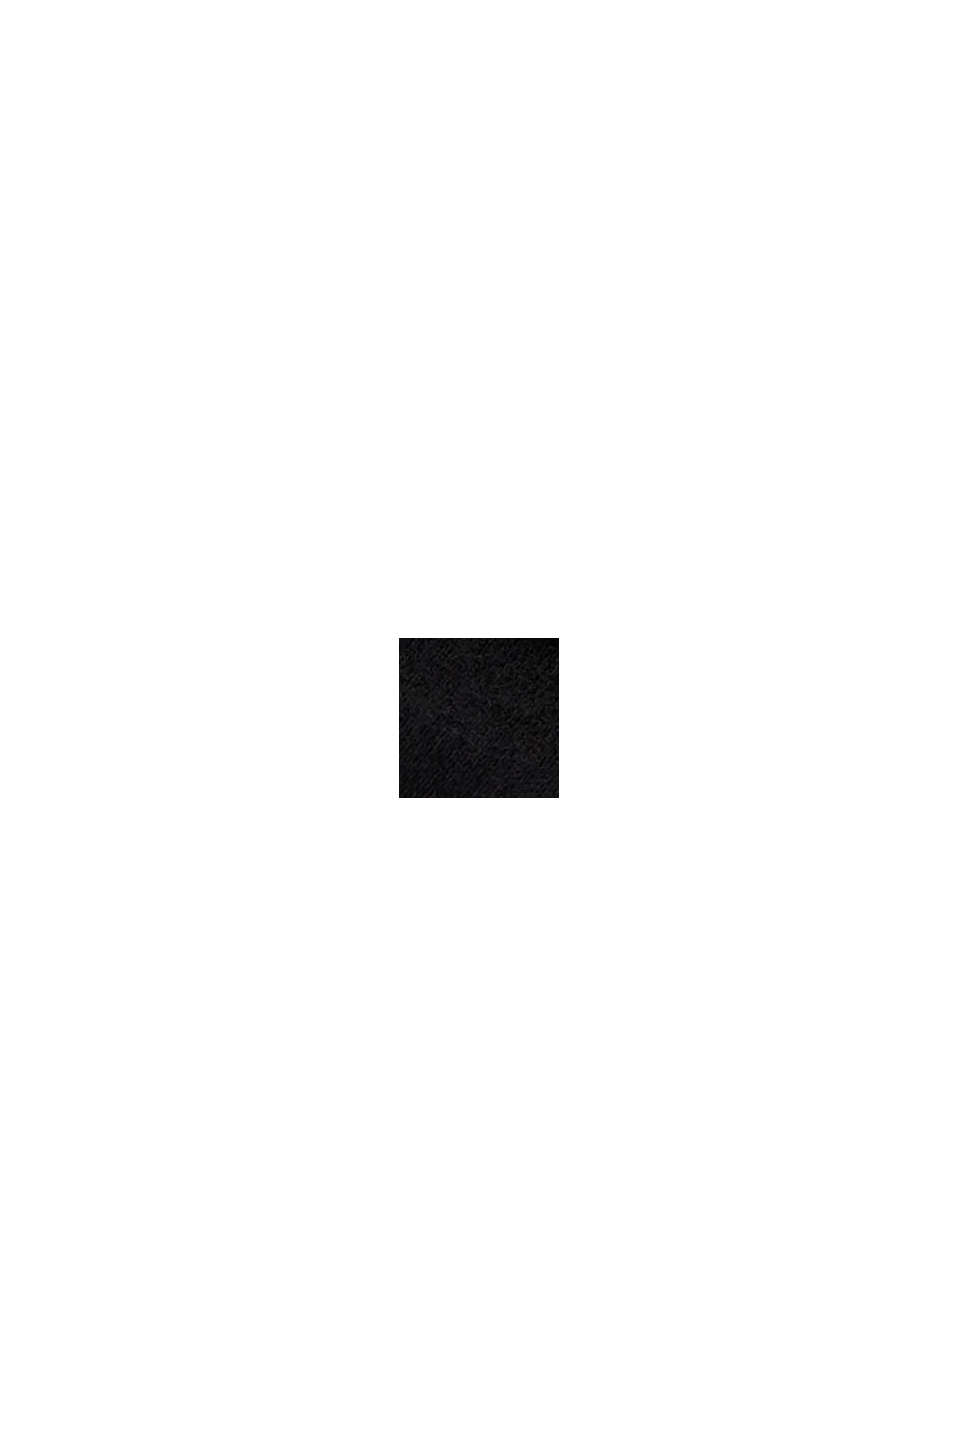 Sandali con cinturino con tacco a blocco, BLACK, swatch